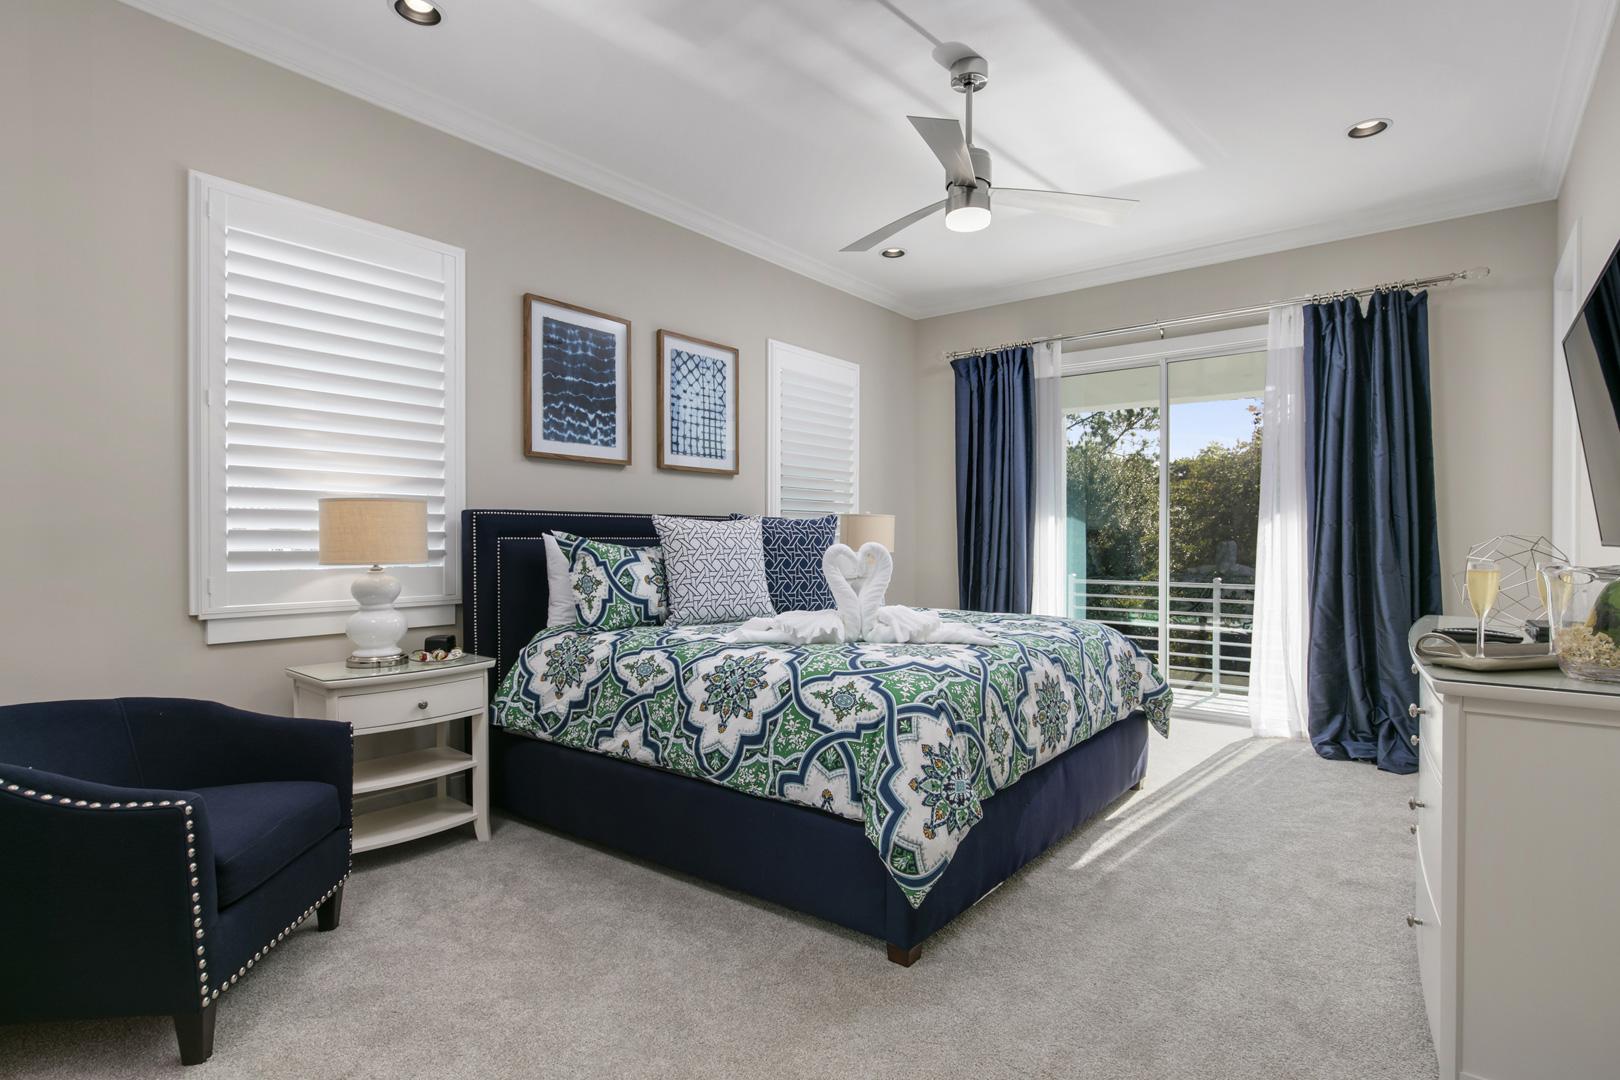 Bedrooms11